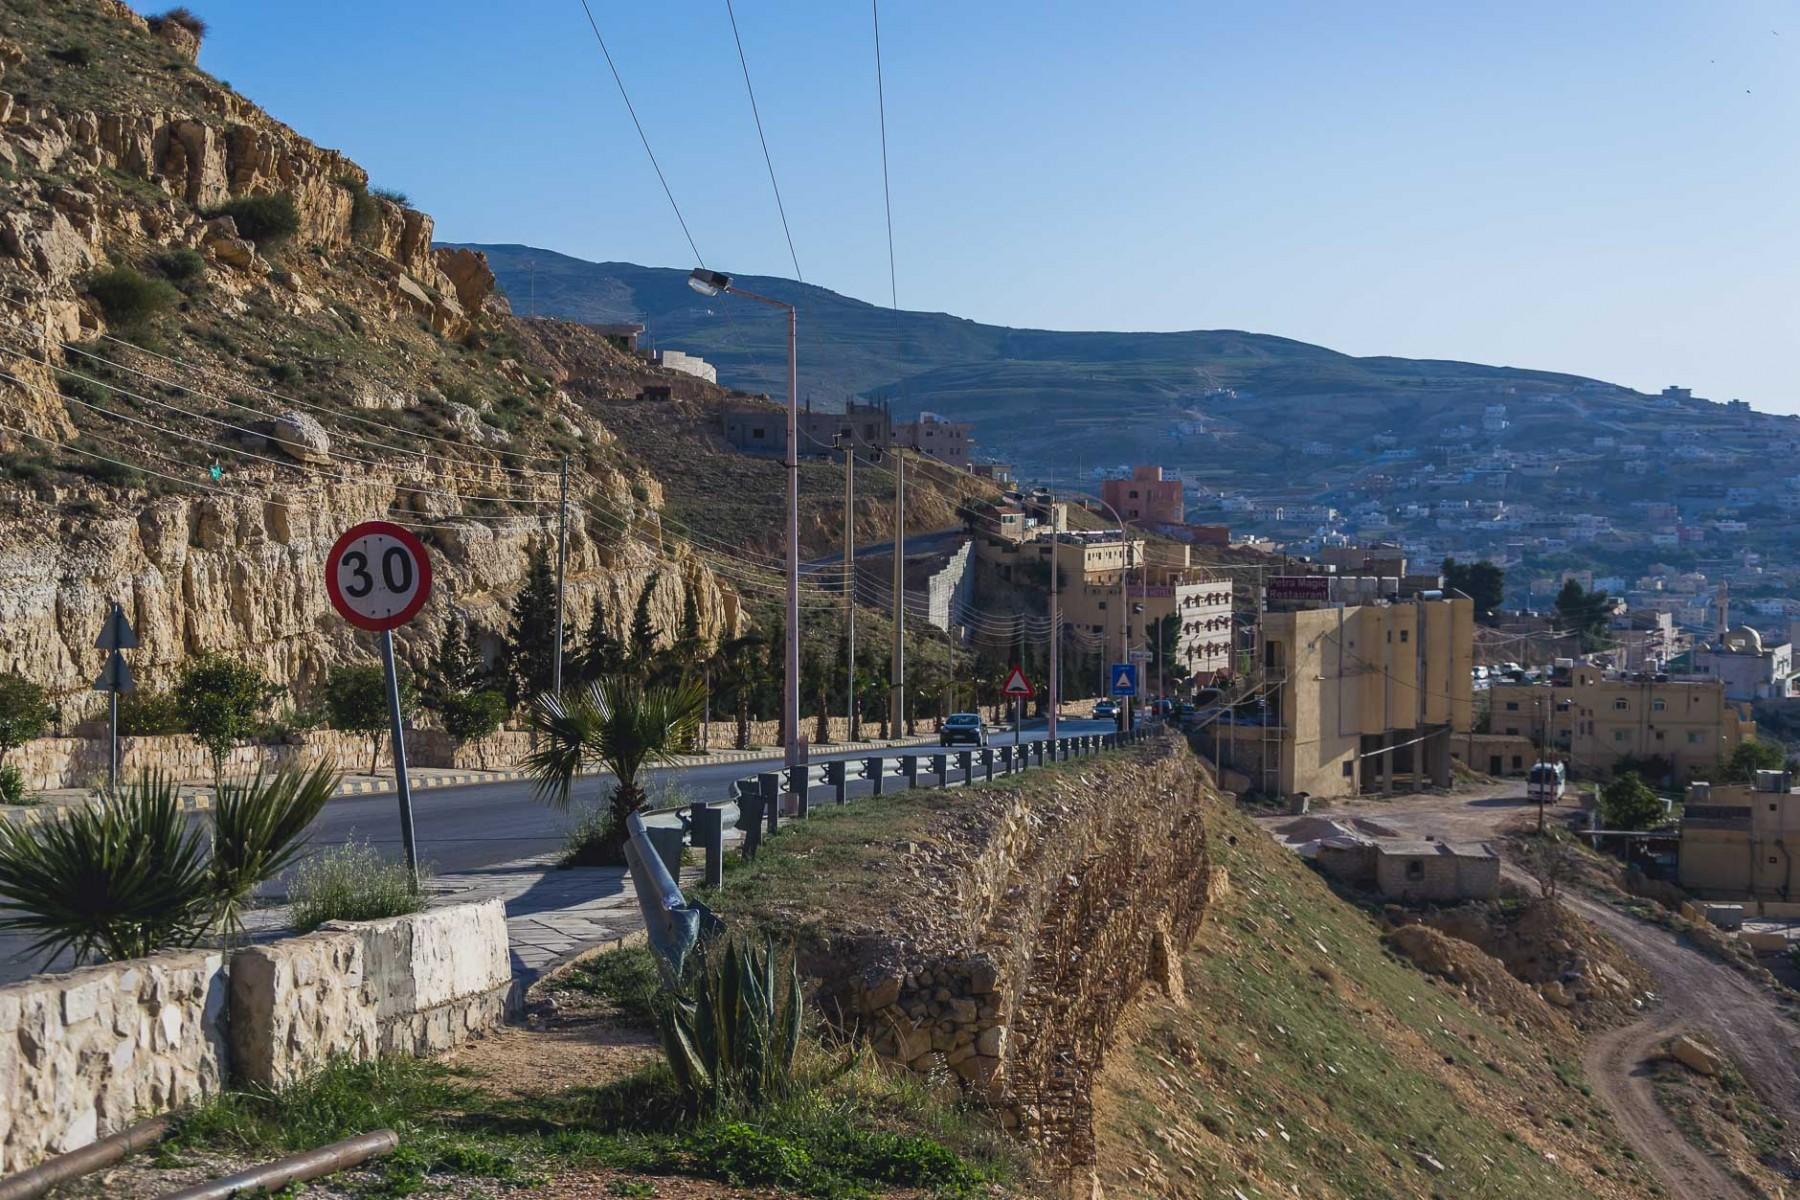 Street in Jordan